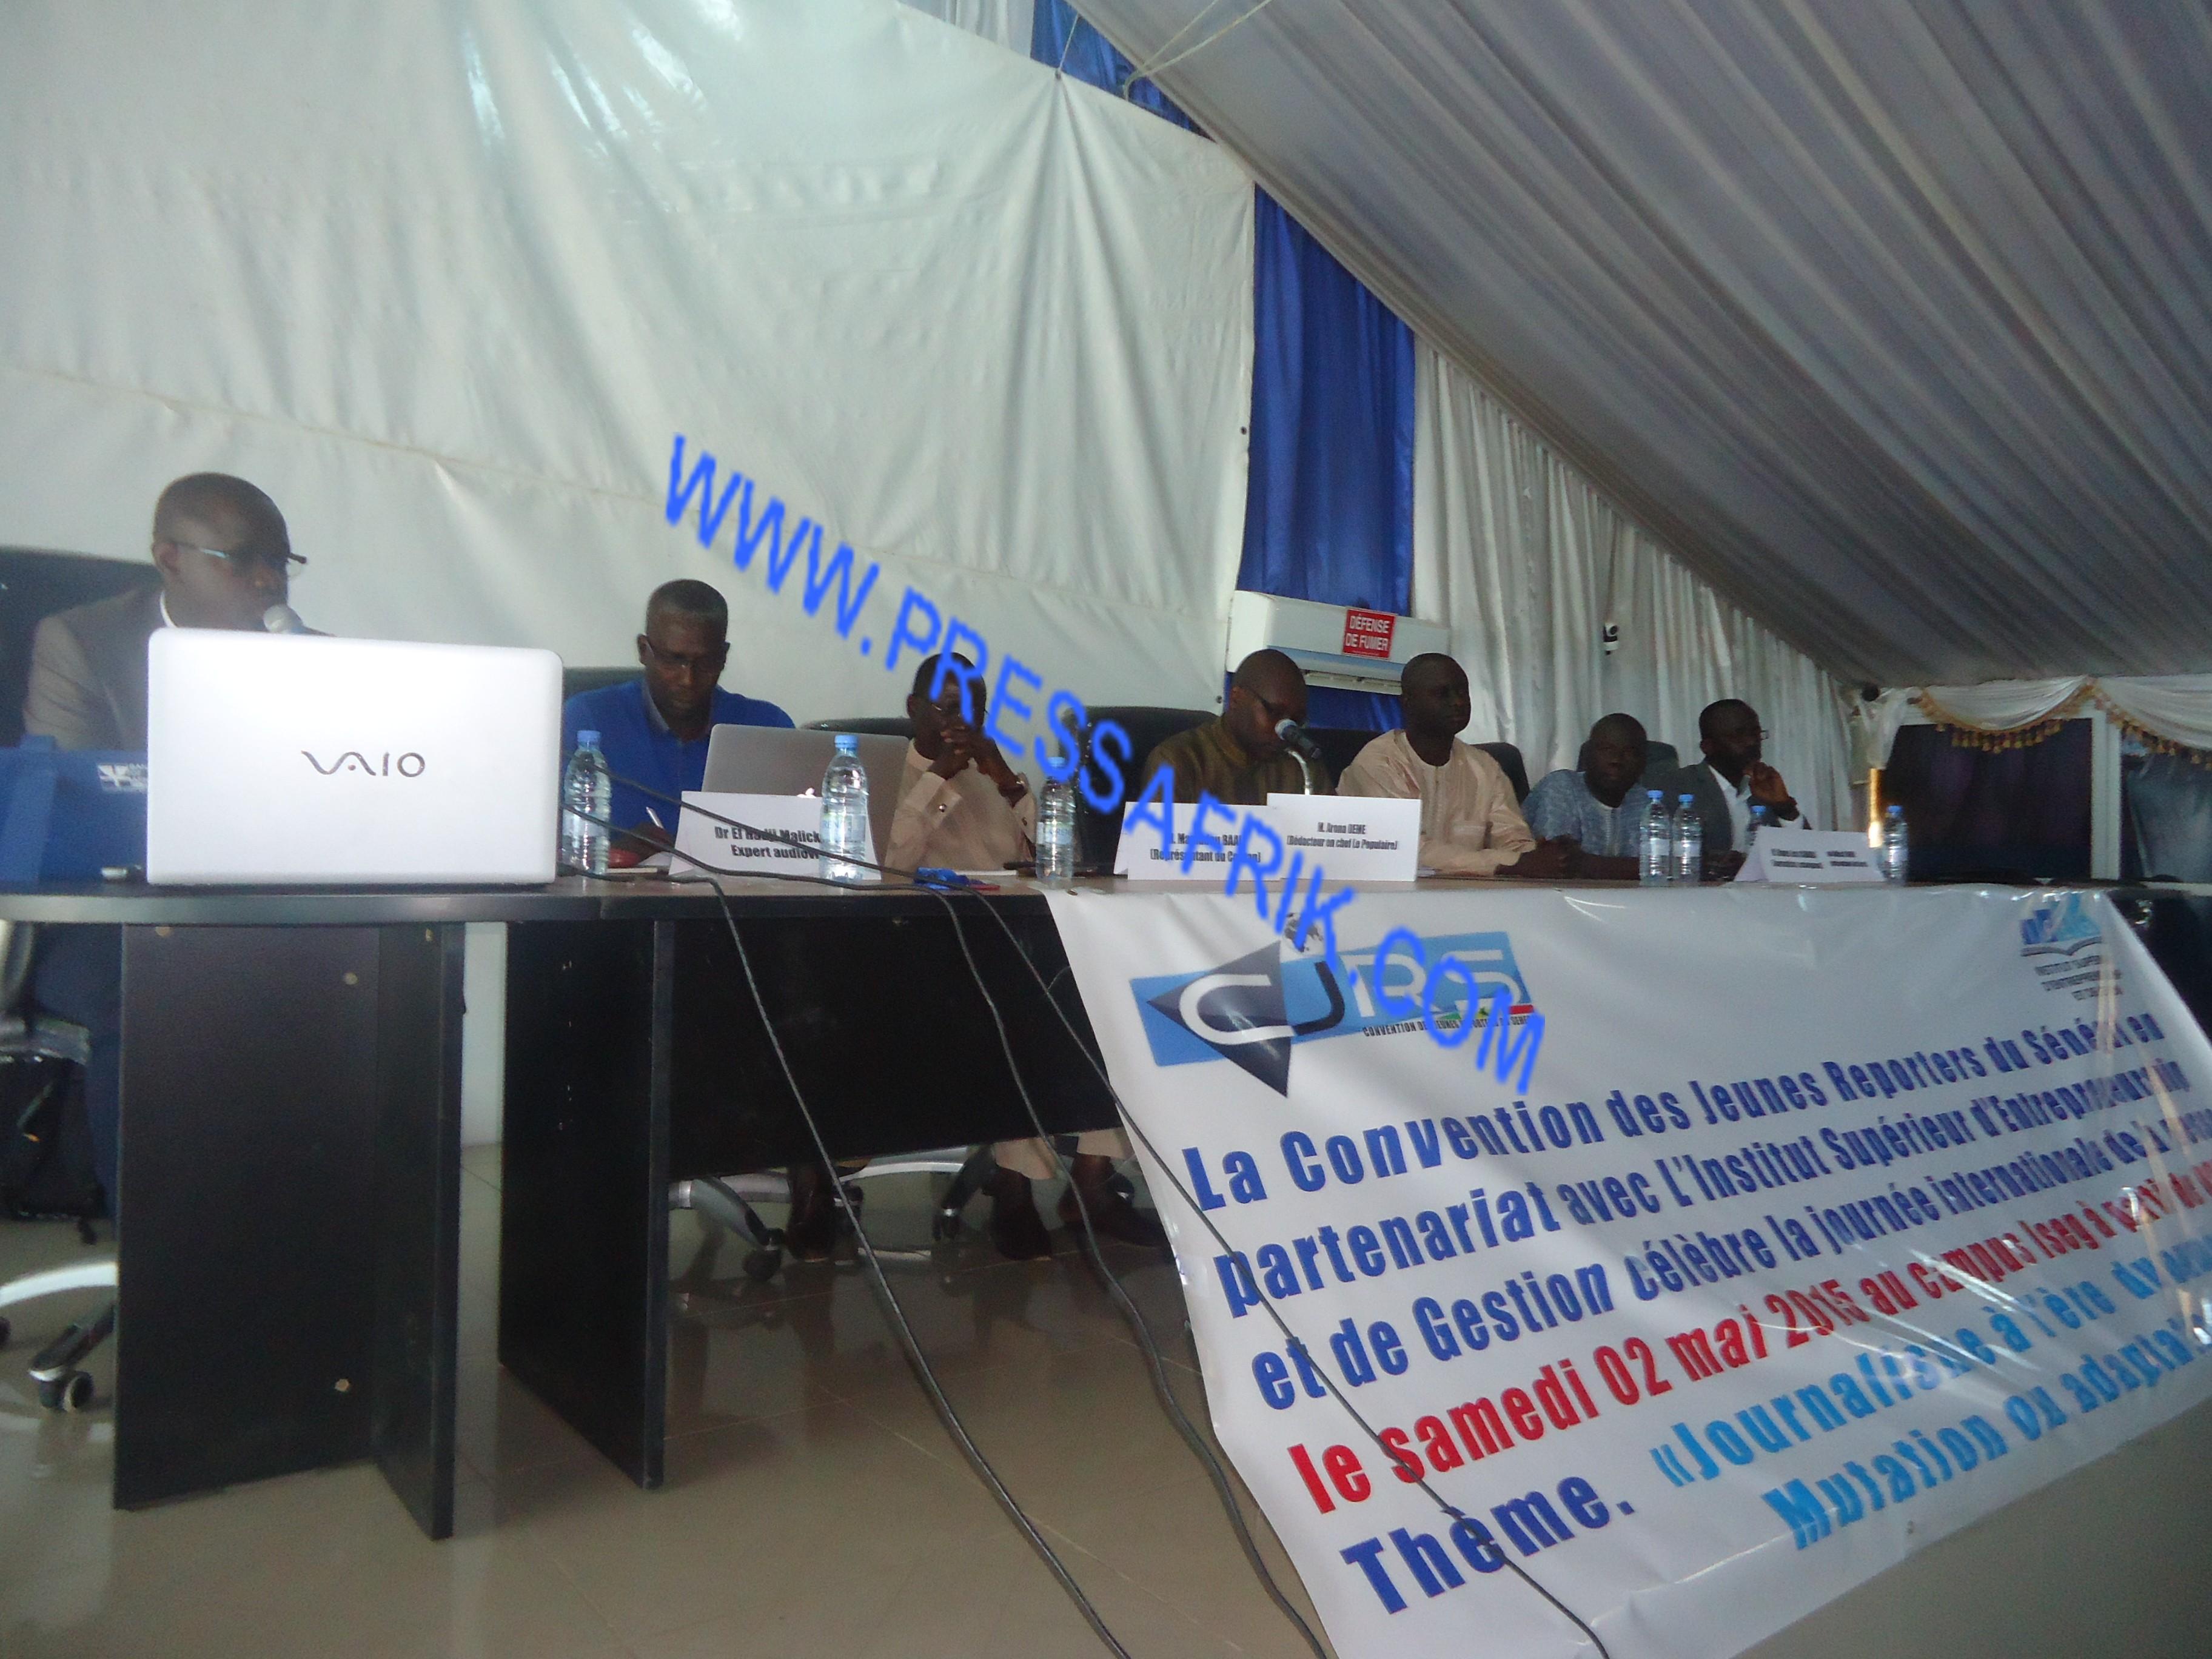 La Convention des jeunes reporters du Sénégal (Cjrs) en partenariat avec l'ISEG. PHOTO/Ibrahima Mansaly